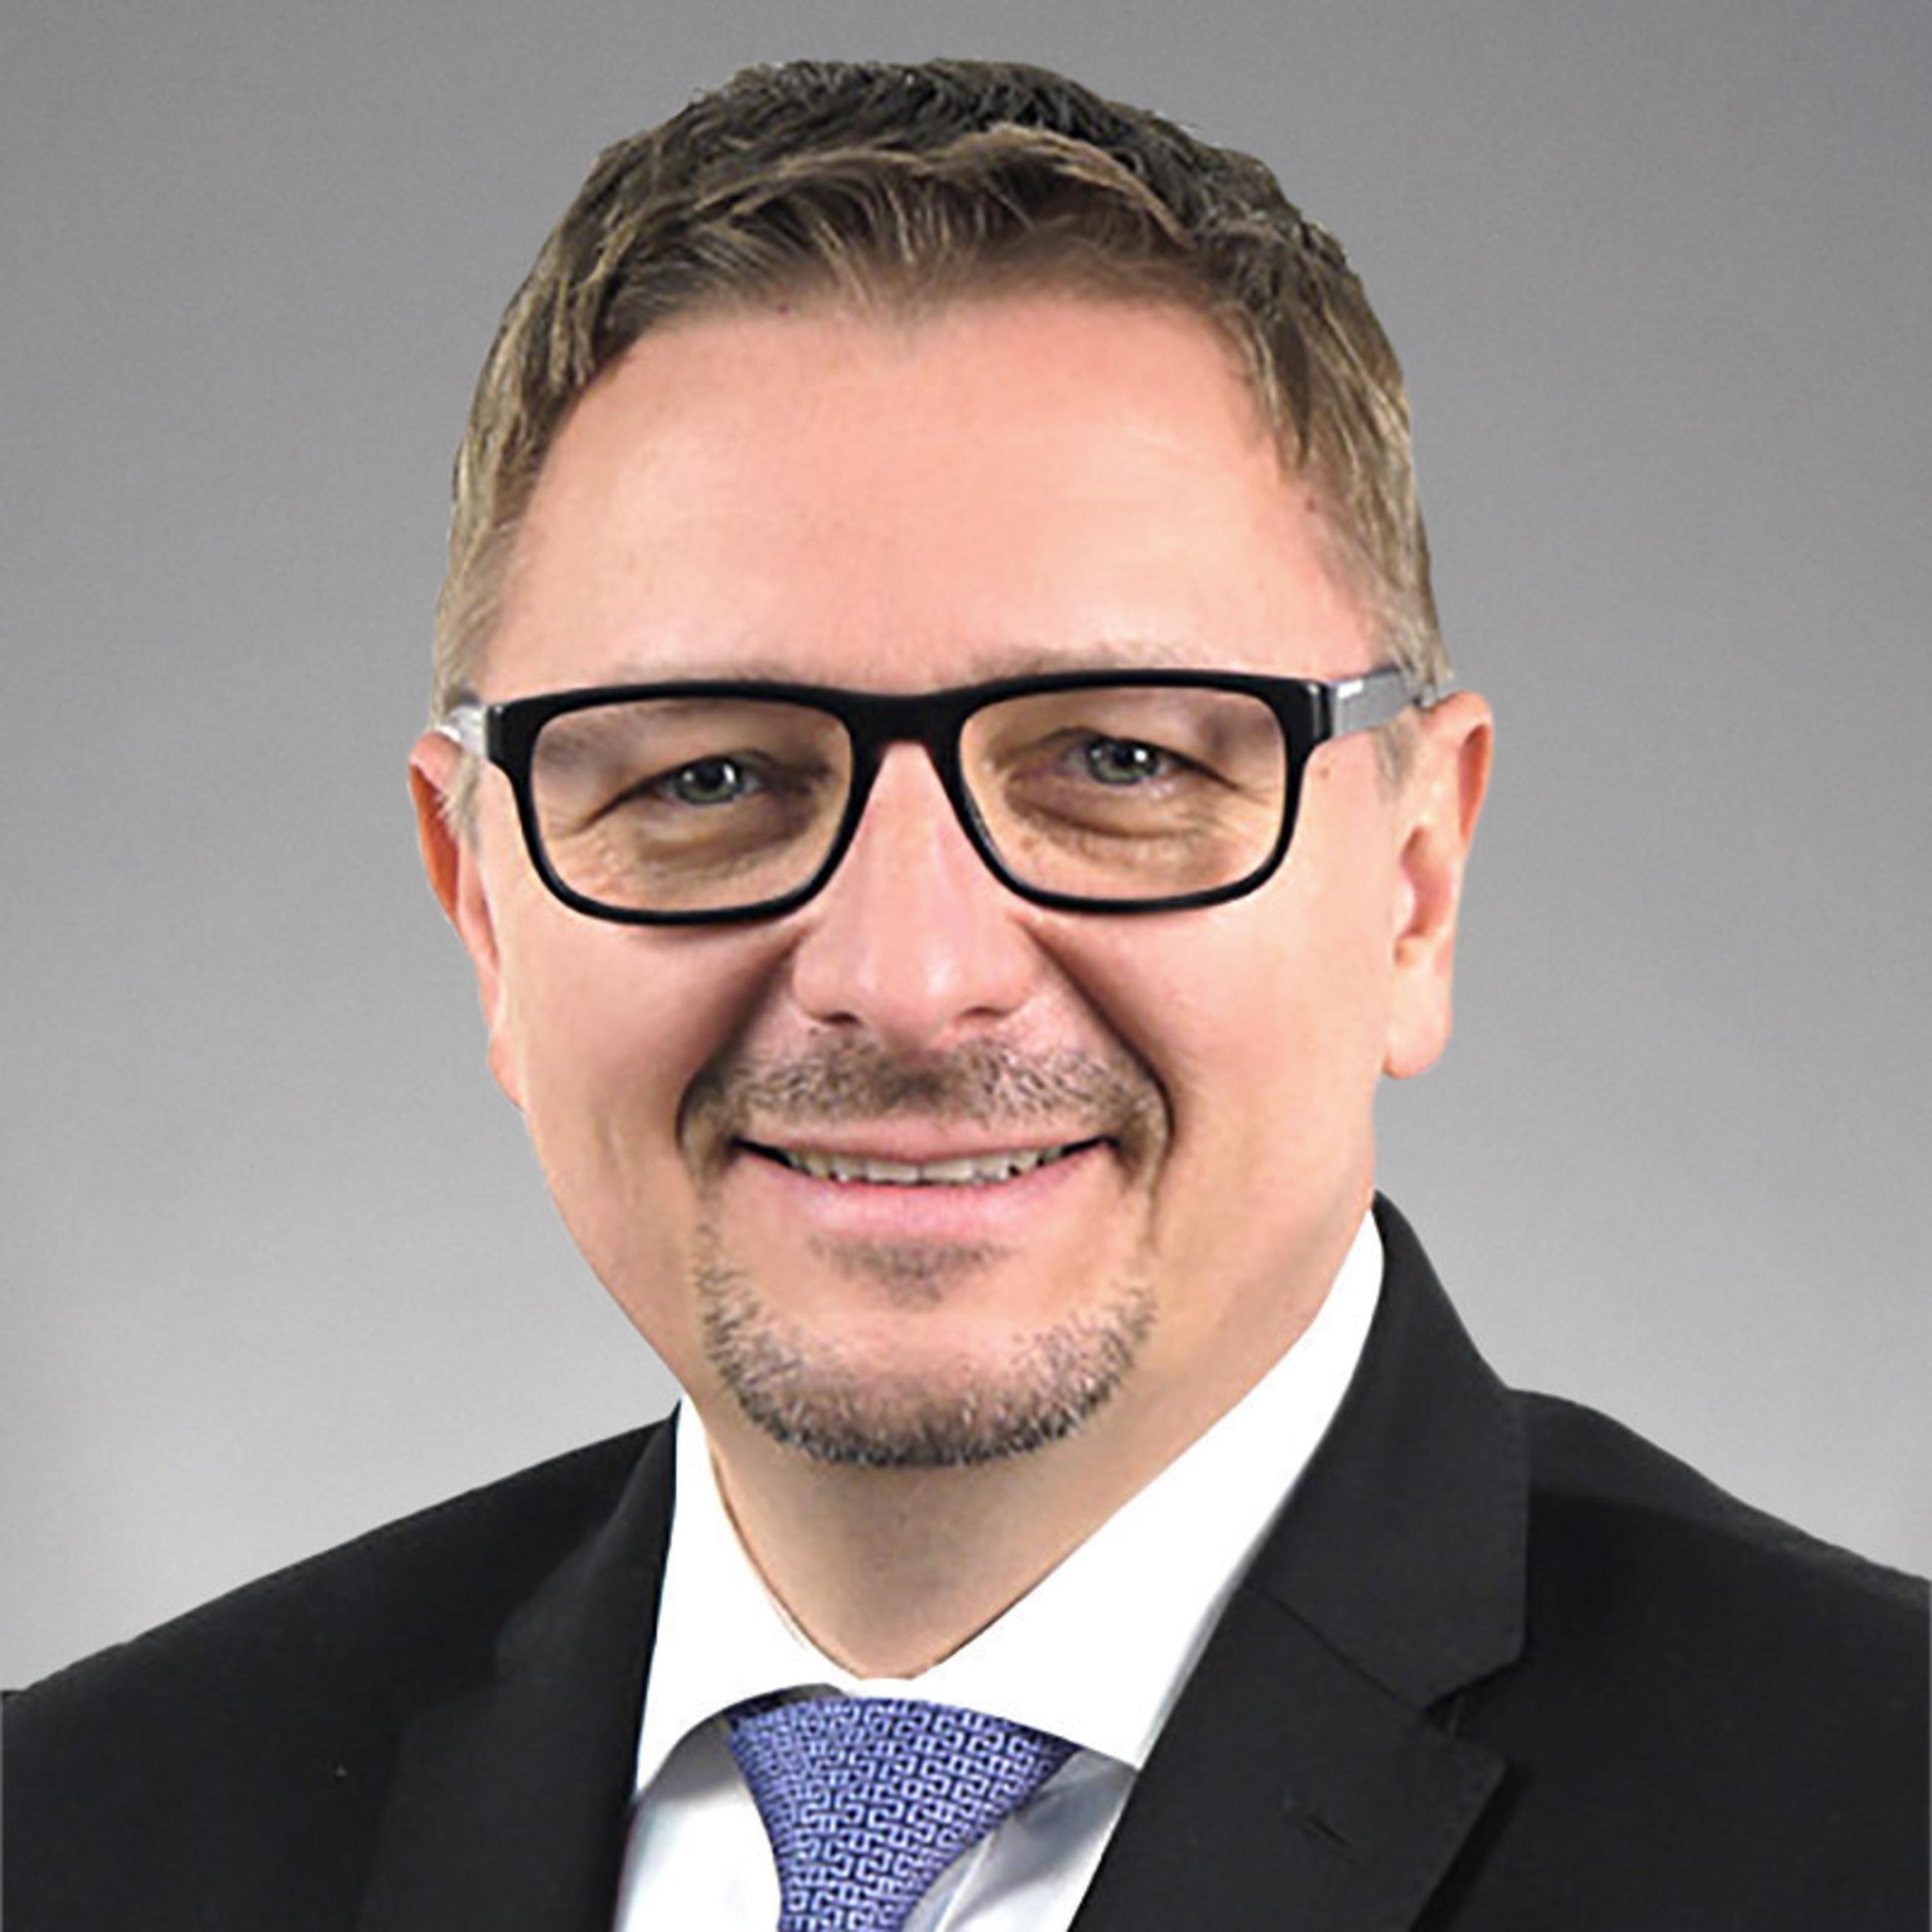 Dr. Markus Peterseim, Managing Director